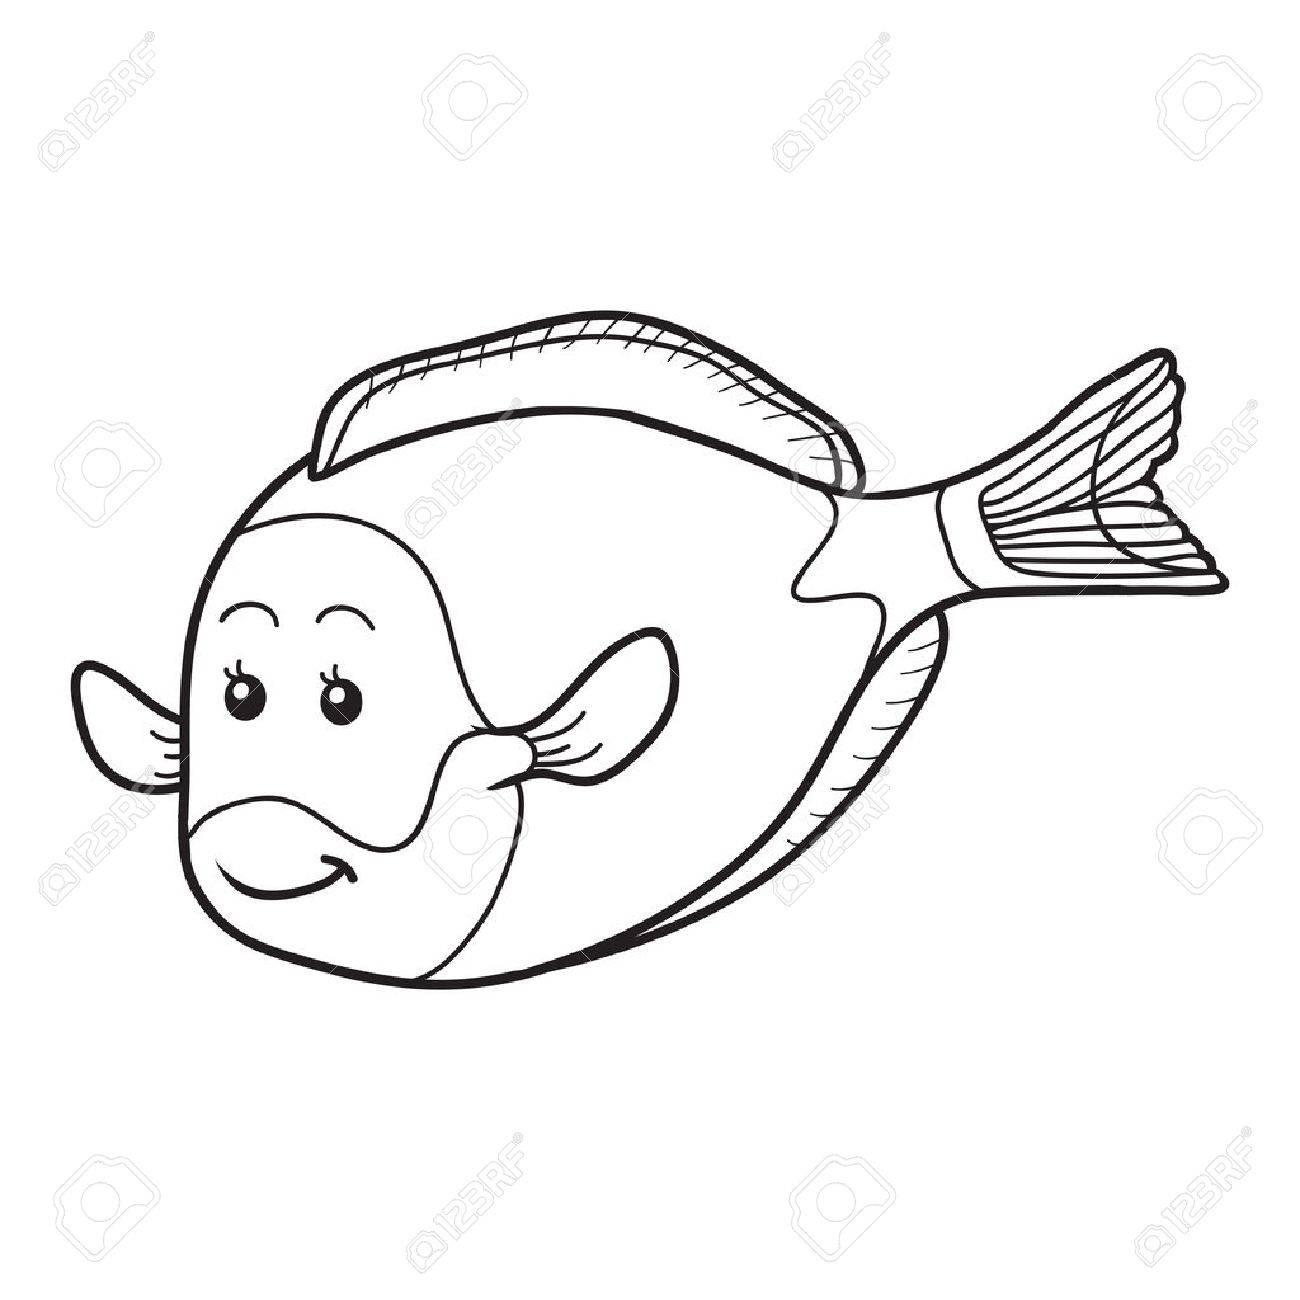 塗り絵 魚のイラスト素材ベクタ Image 36010562